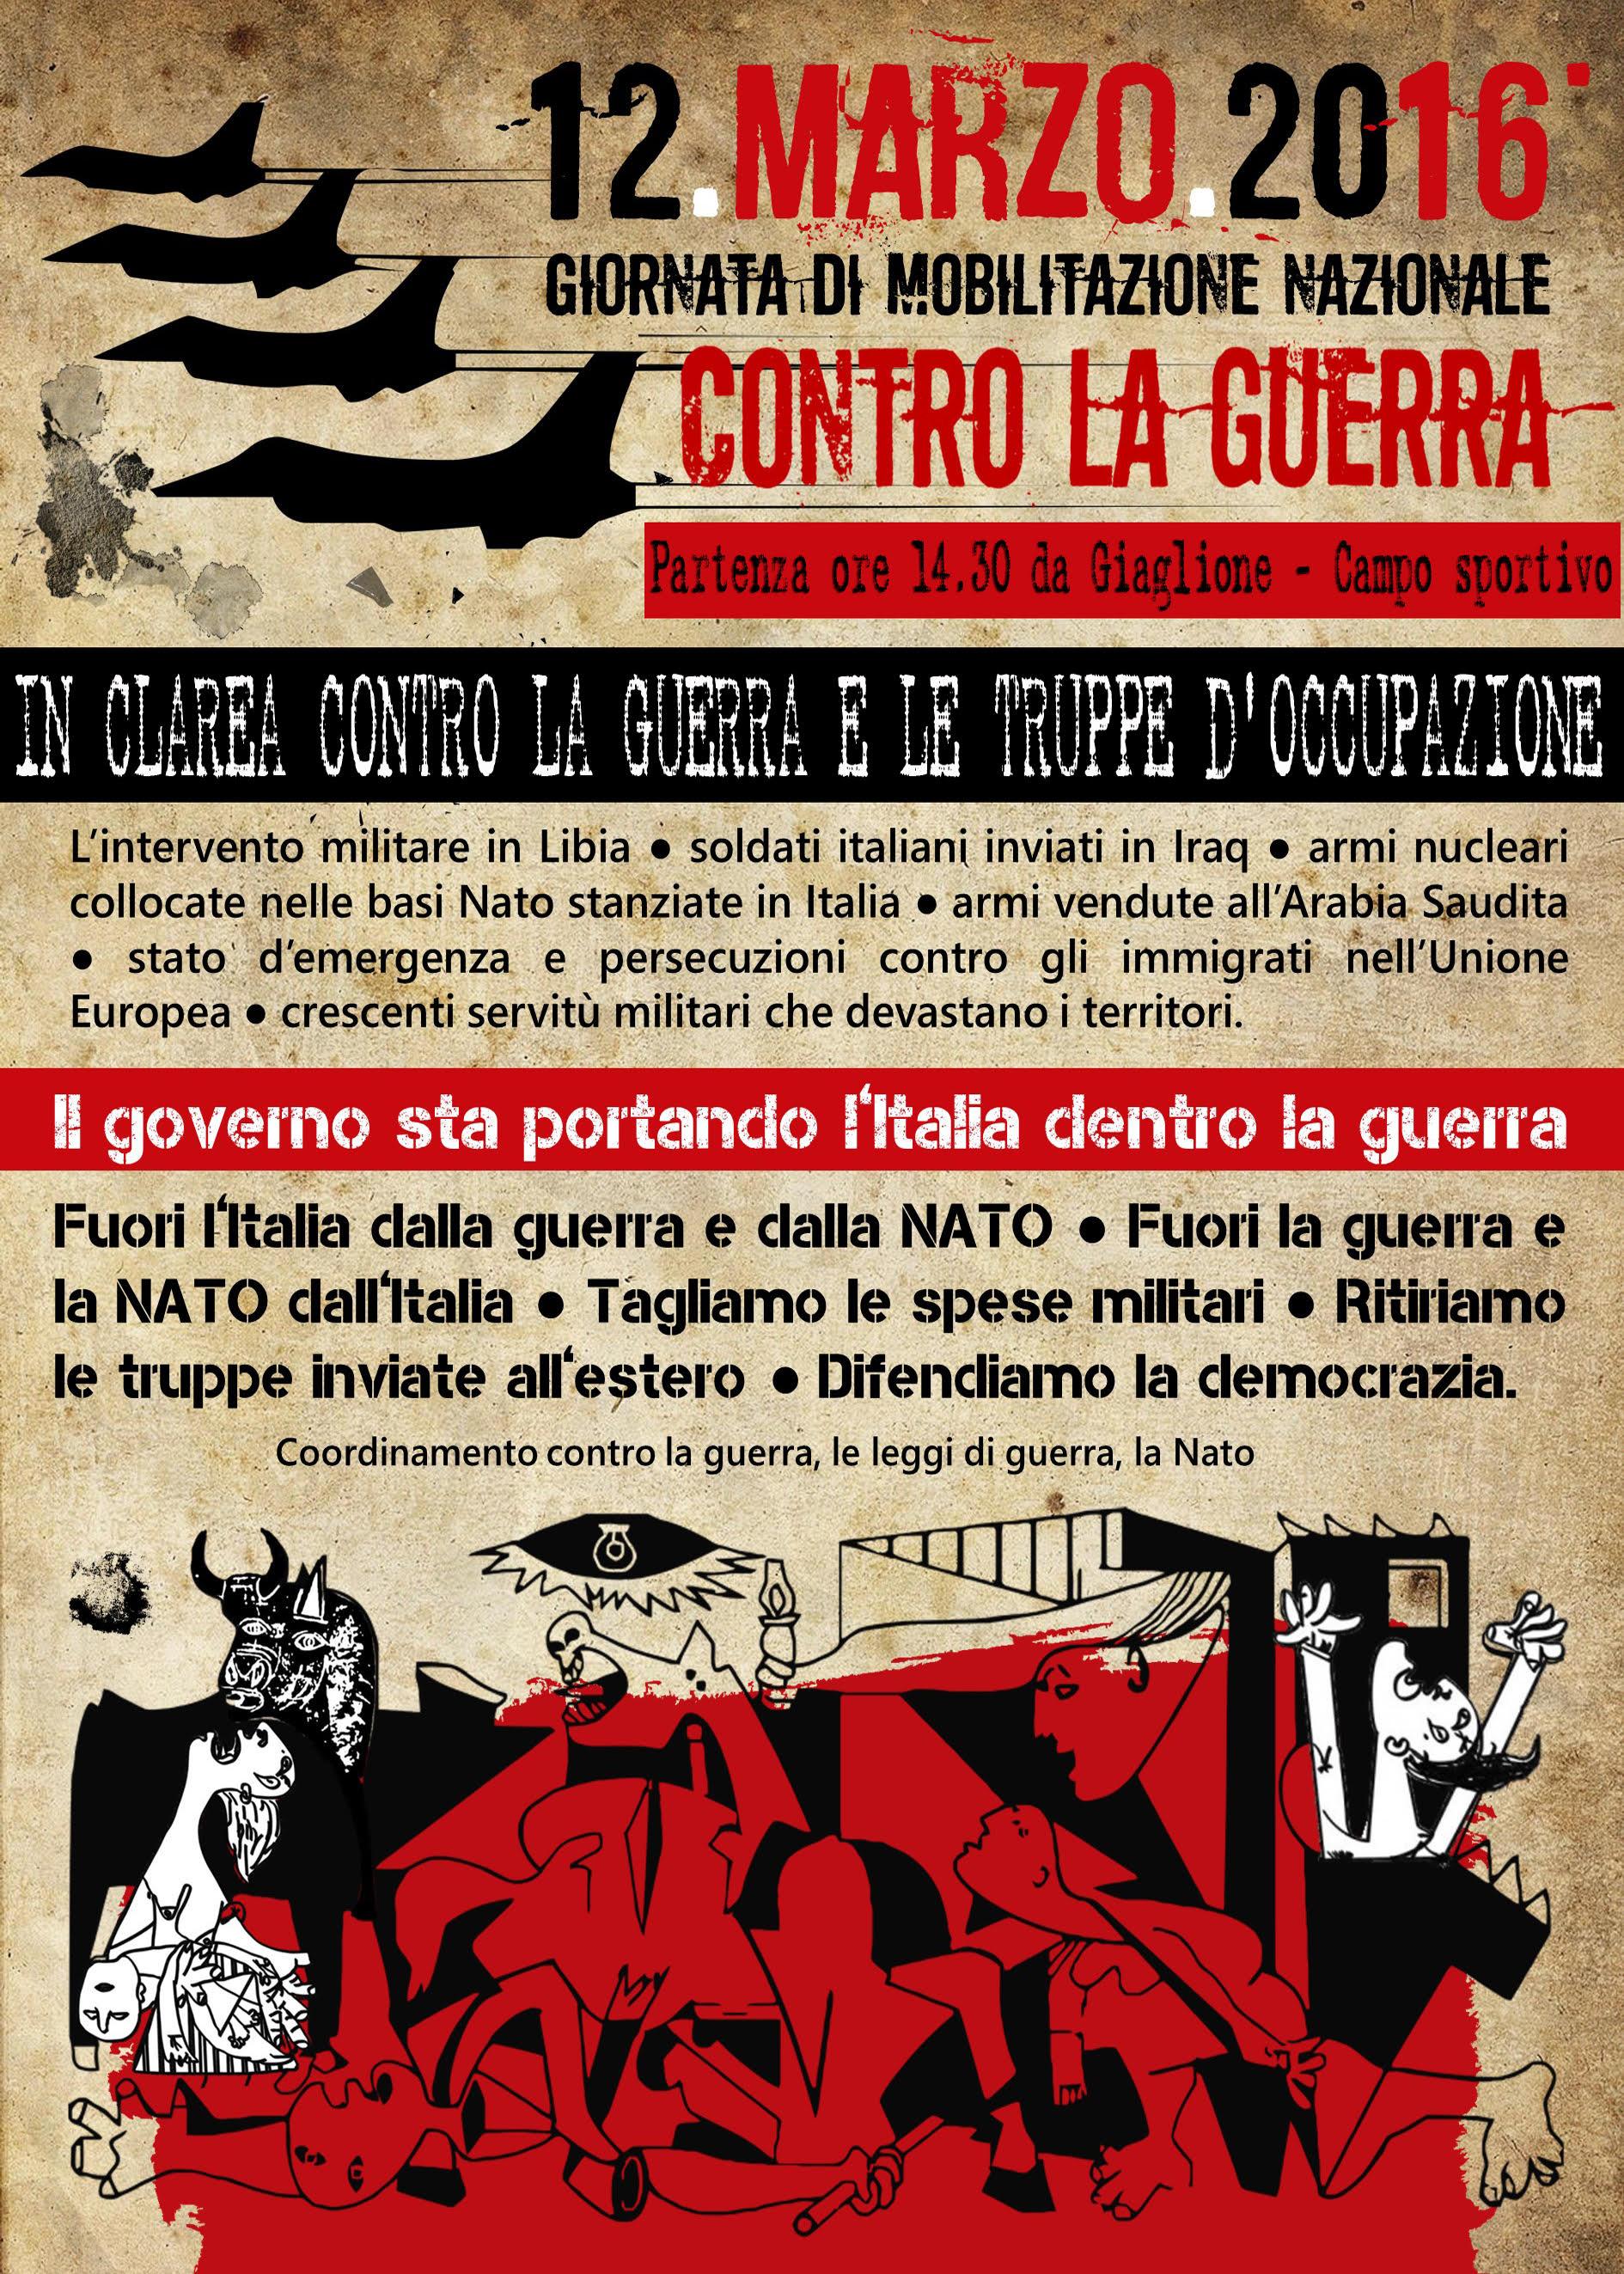 Sab 12/03, in Clarea contro la guerra e le truppe di occupazione